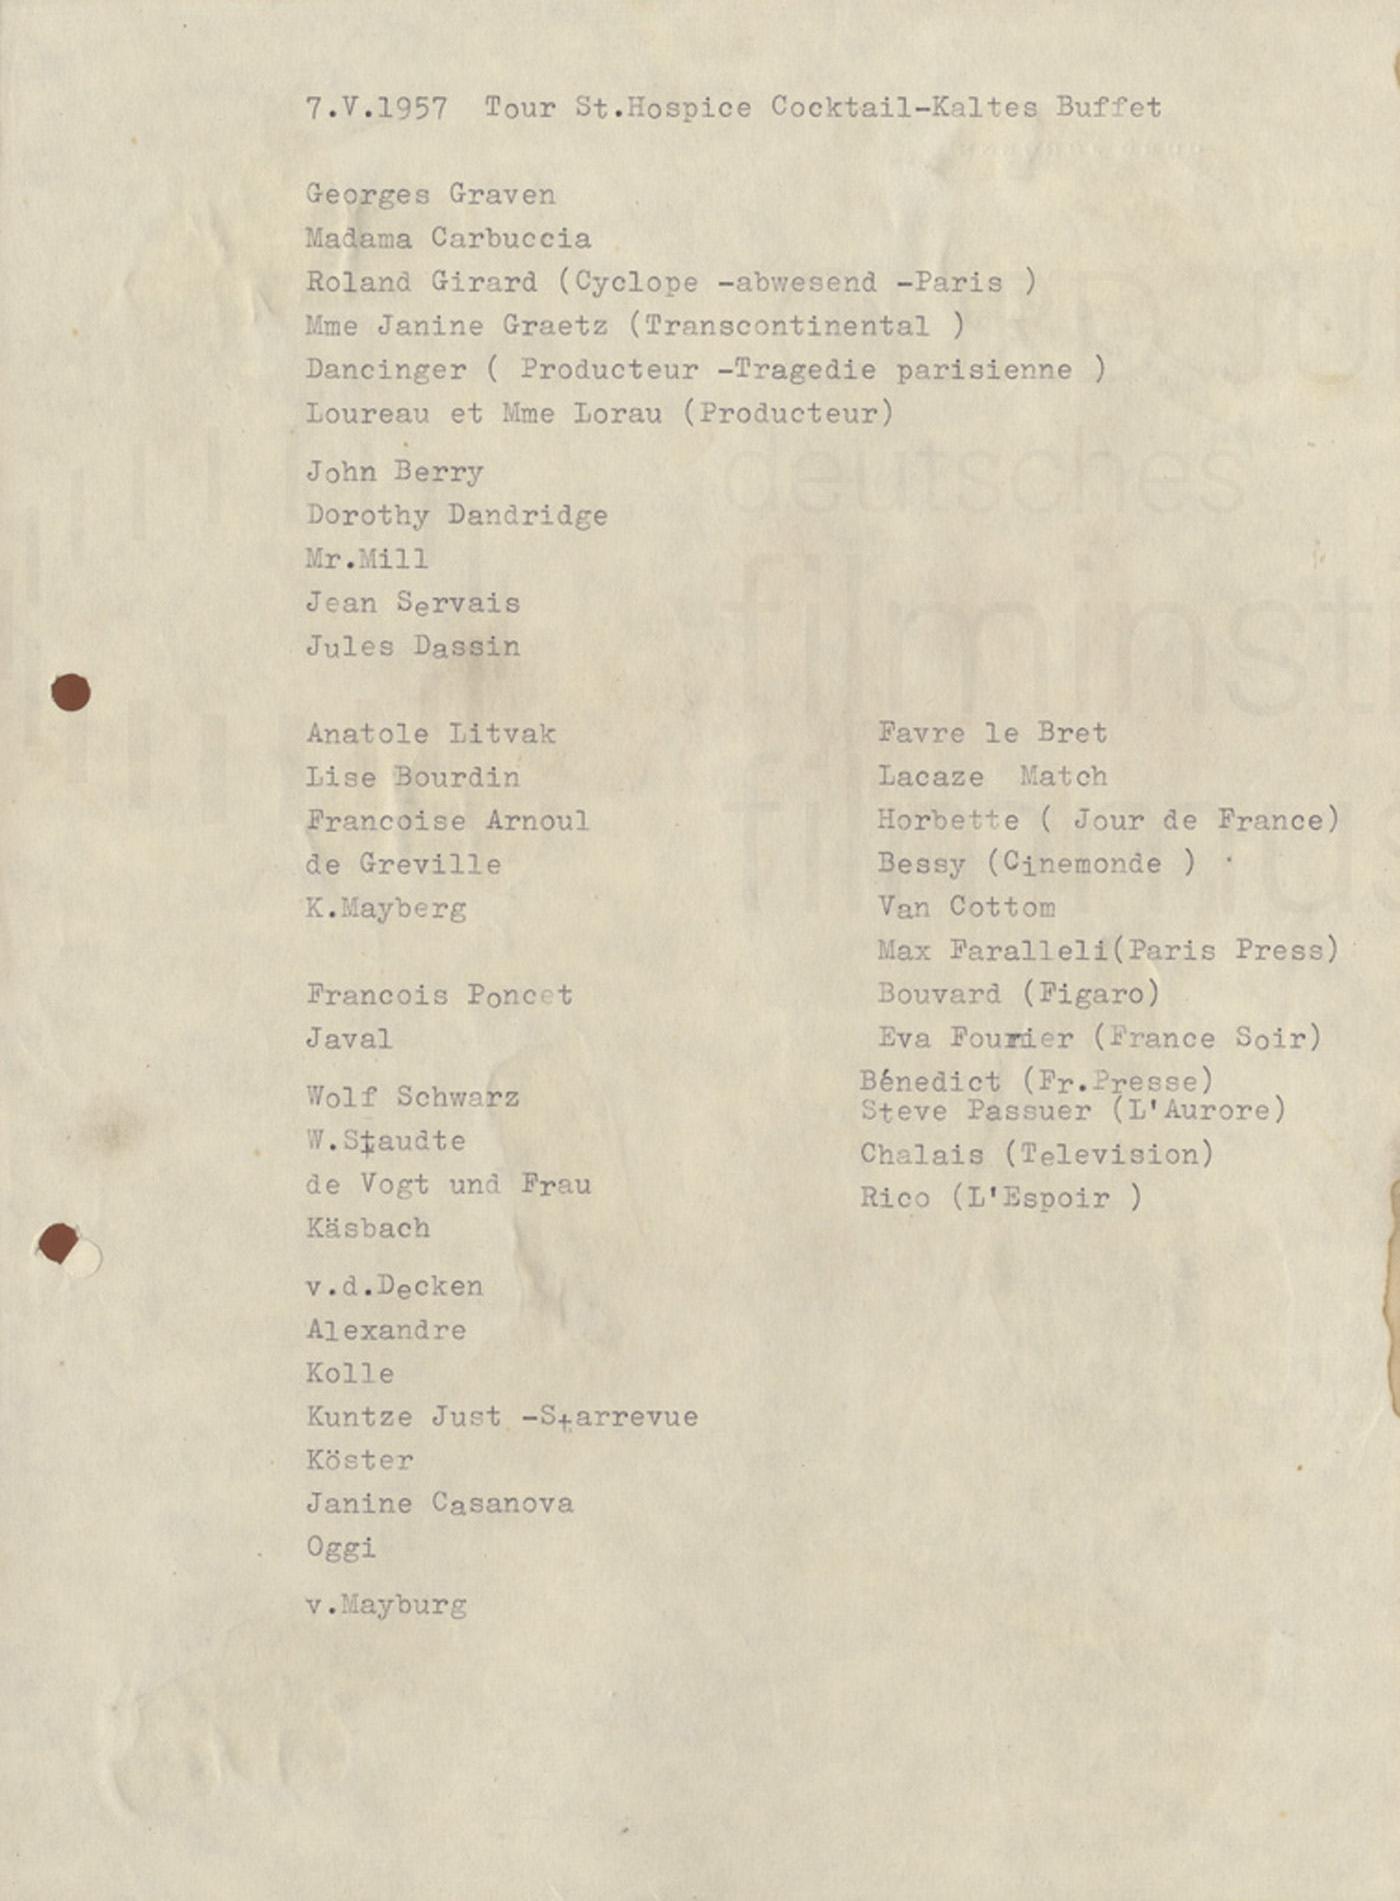 Gästeliste einer Dinnerparty am 7.5.1957 in Cap Ferrat